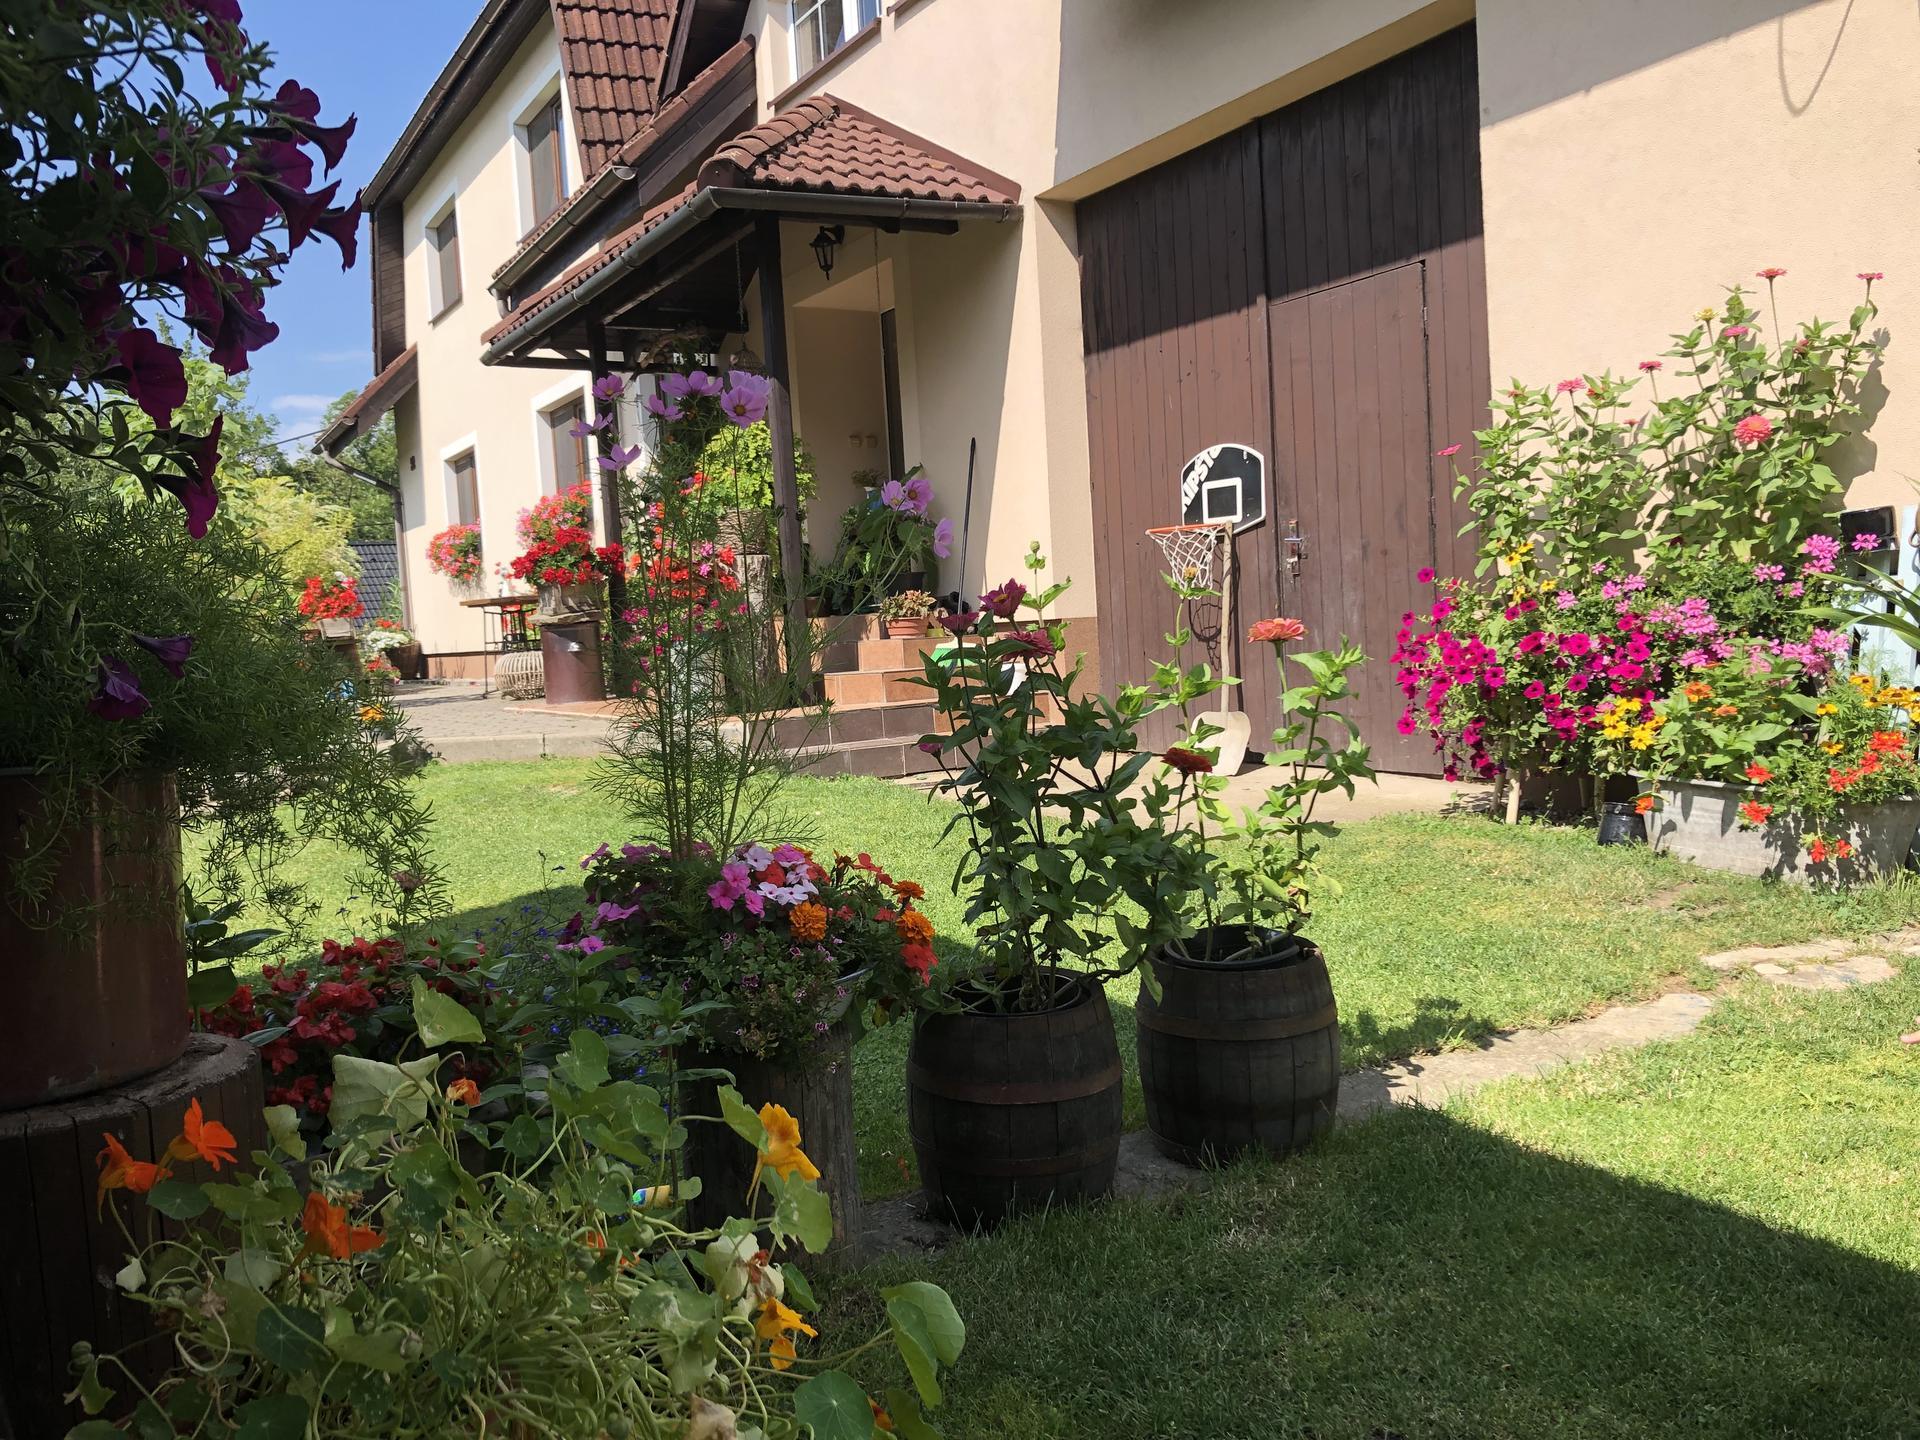 U nás doma a na zahradě 2021 - Obrázek č. 44